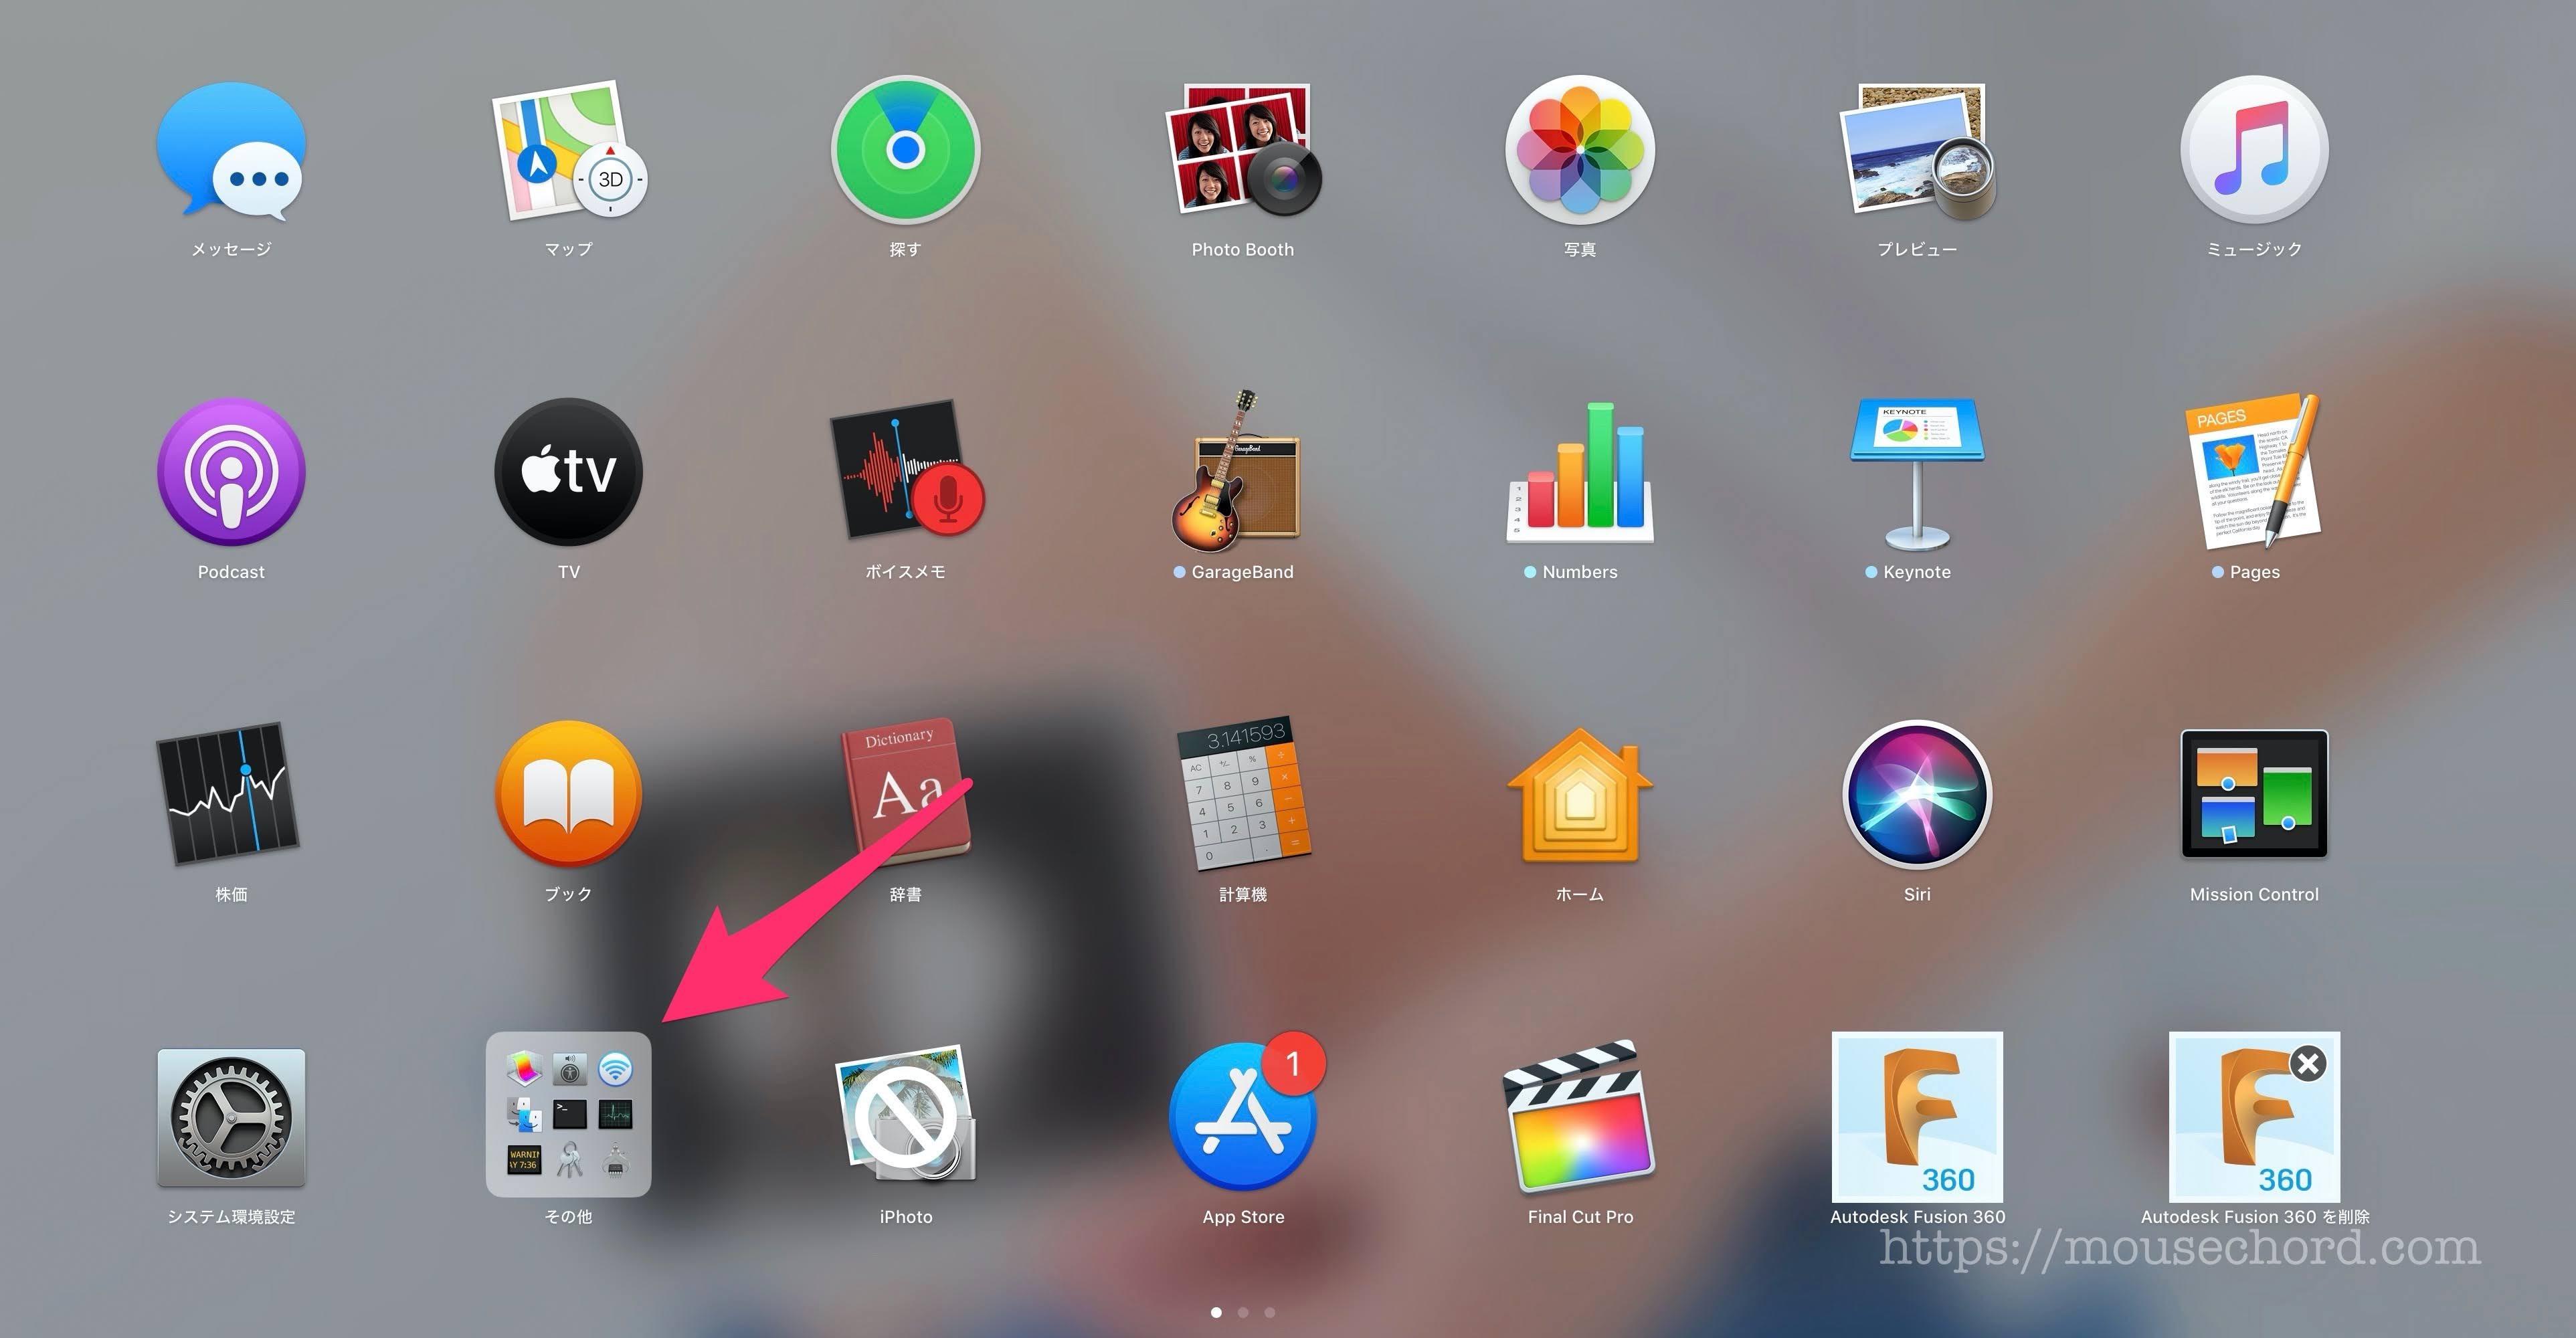 iosデバイスでの処理がまだ進行中...MacbookProシャットダウンできず